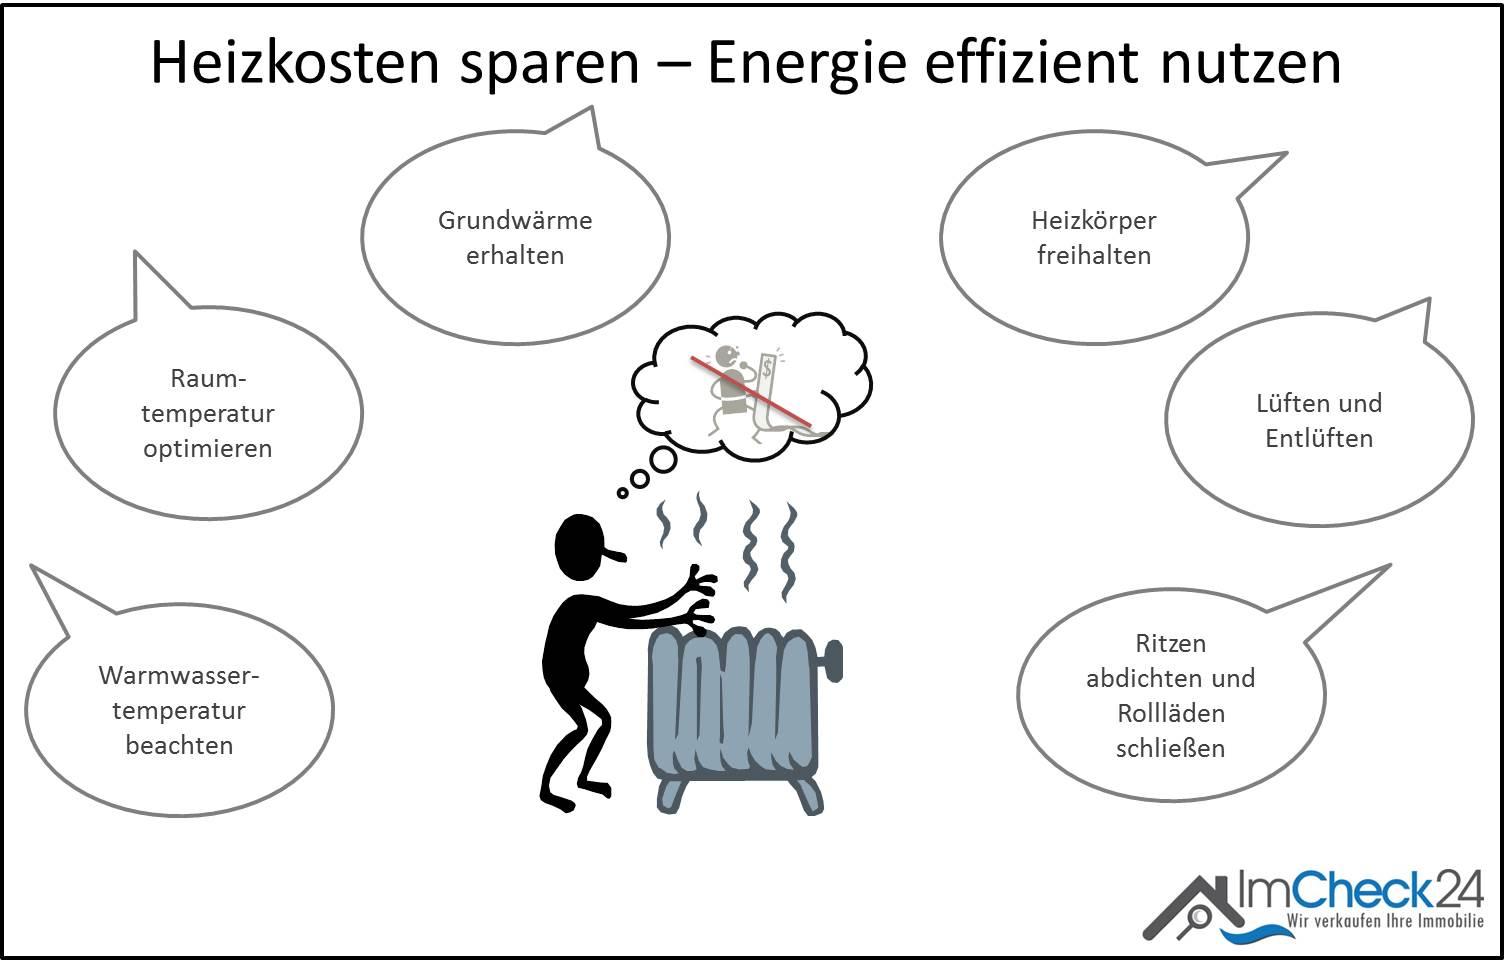 heizkosten sparen und energie im haus effizient nutzen